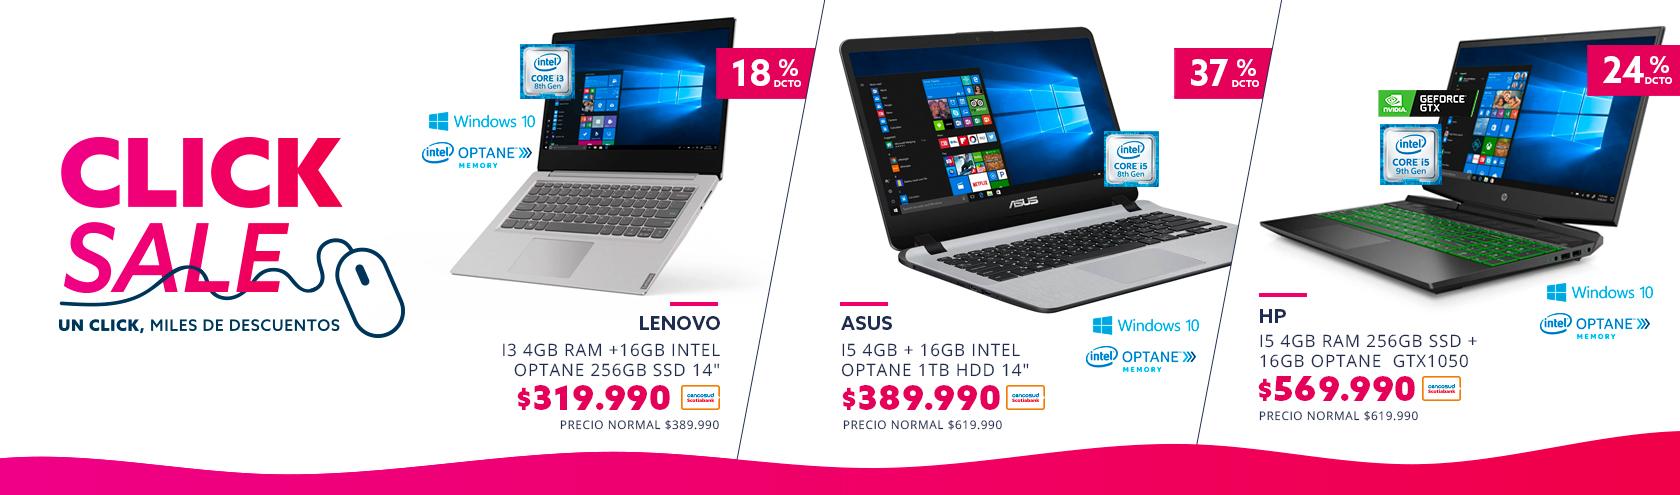 Encuentra los mejores descuentos computadores en Click Sale paris.cl